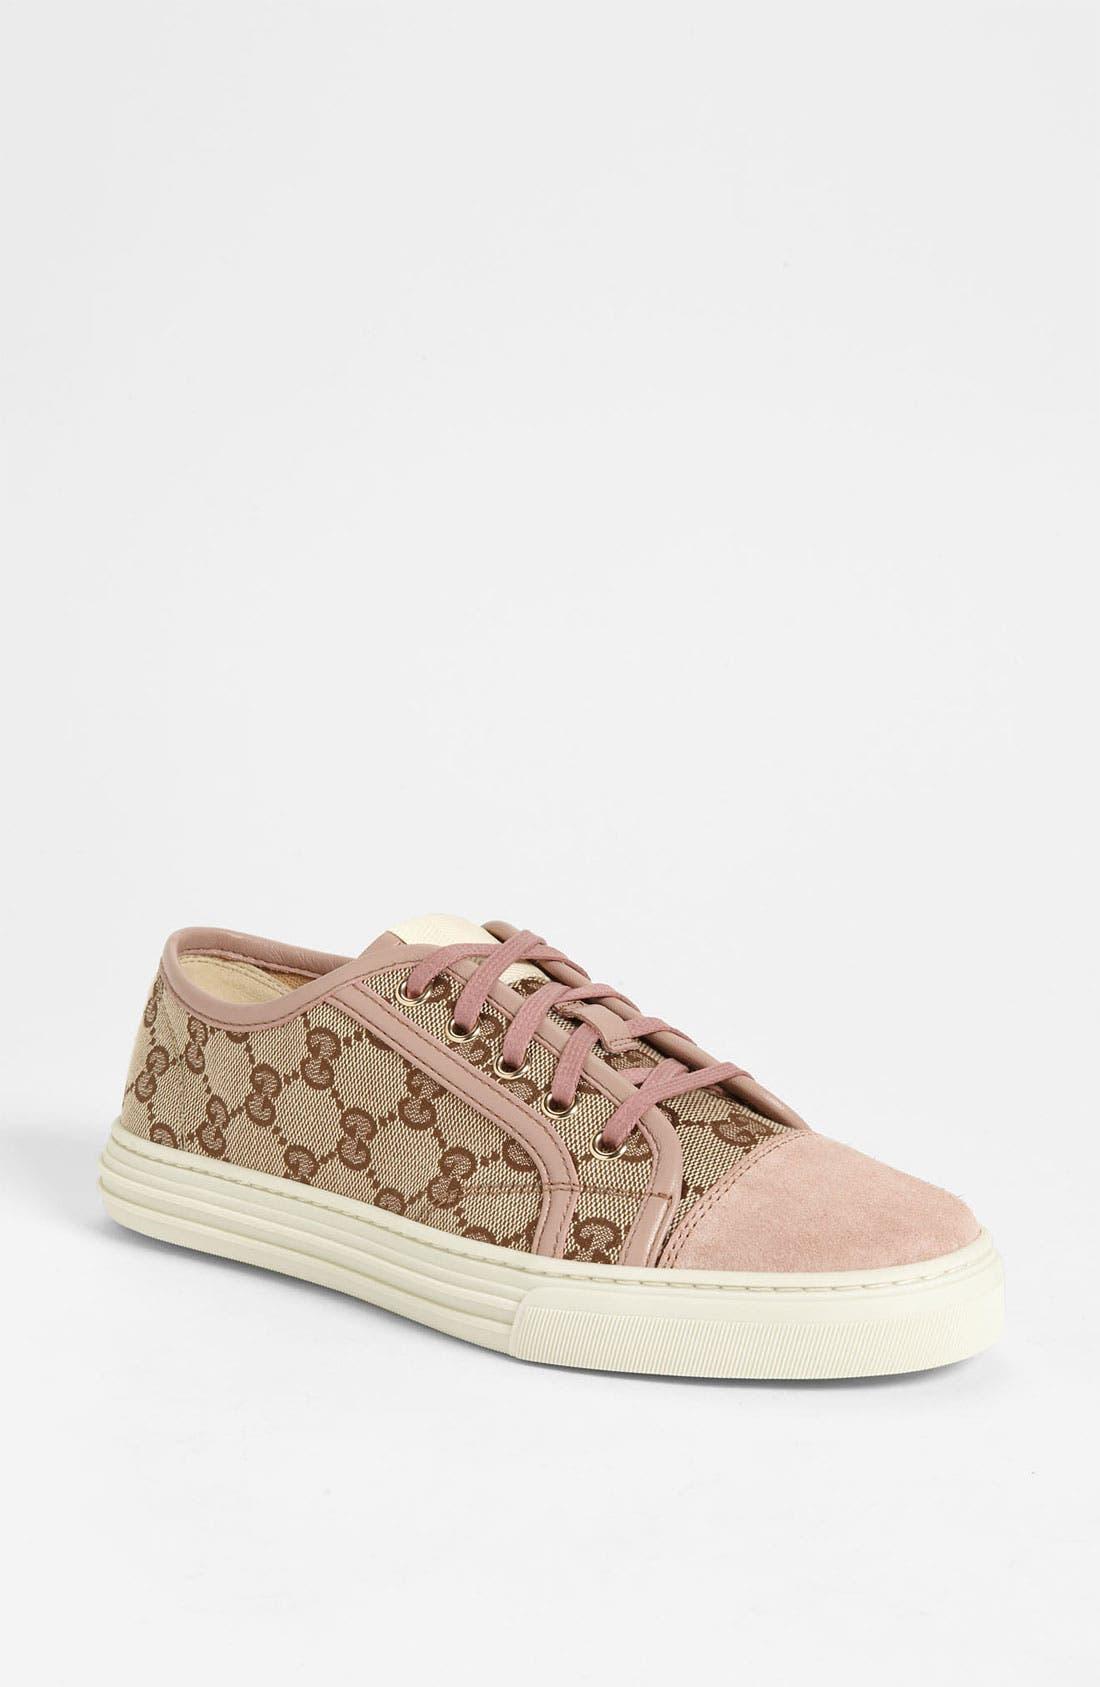 Main Image - Gucci 'California Low' Sneaker